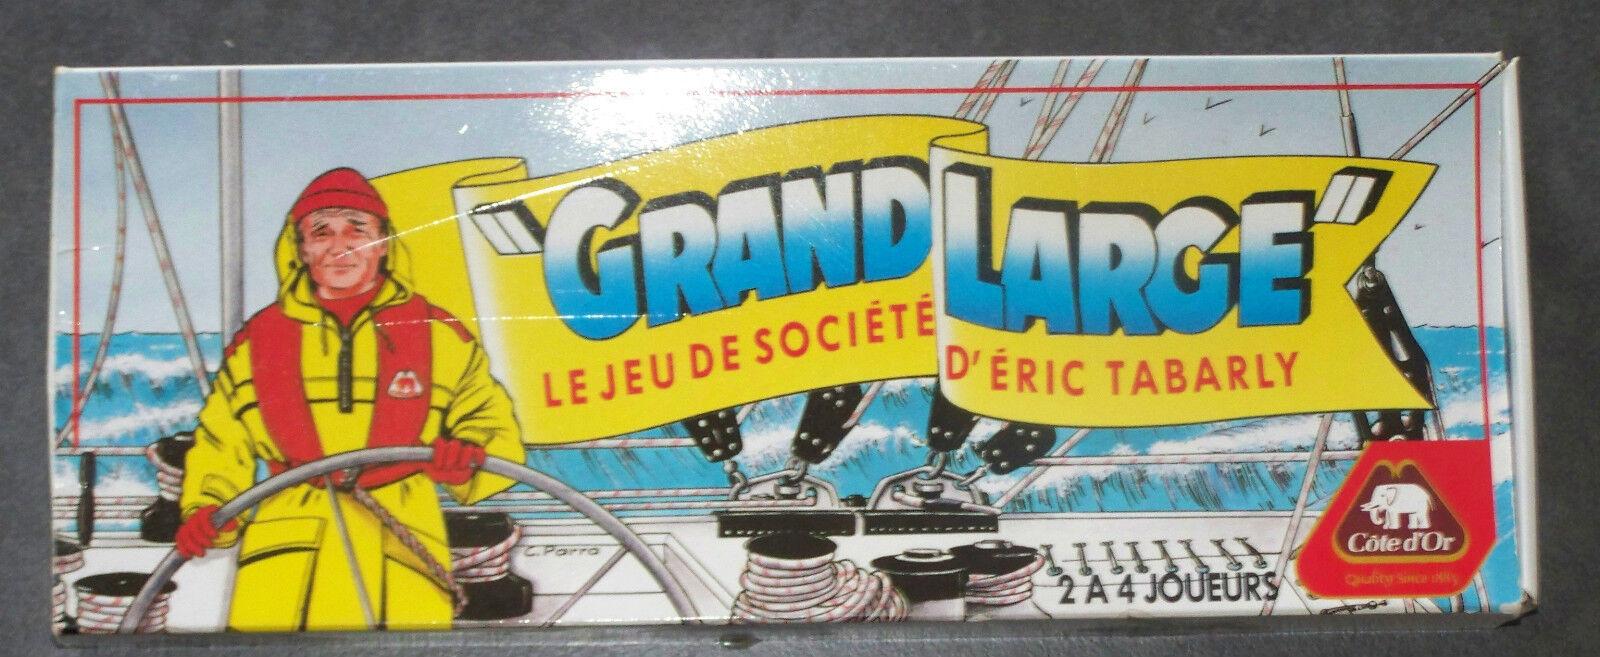 @ RARE JEU   GRAND LARGE   LE JEU DE SOCIETE D'ERIC TABARLY, PUB COTE D'OR